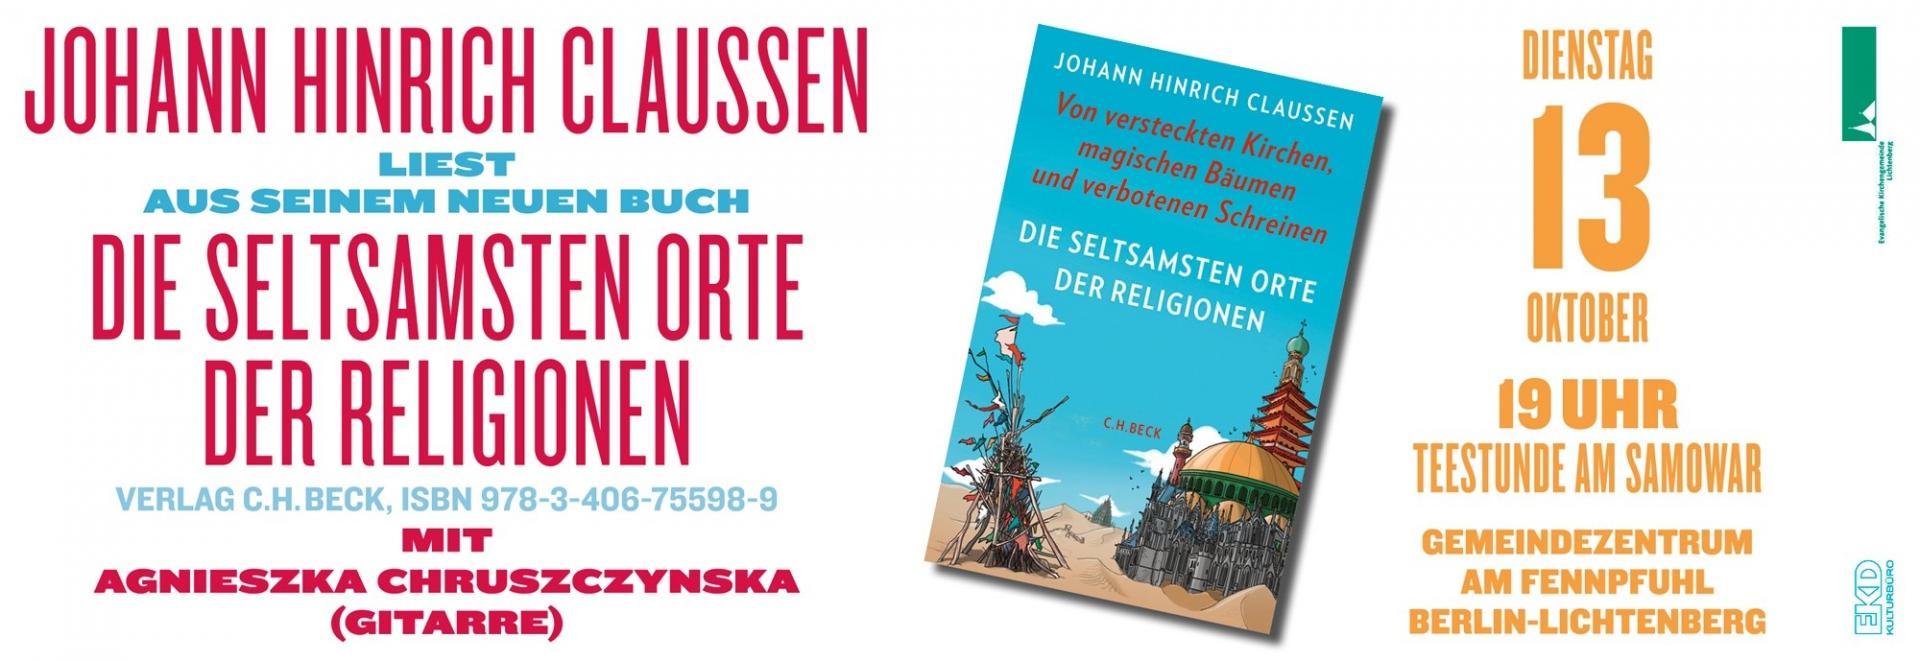 Johann Hinrich Claussen liest